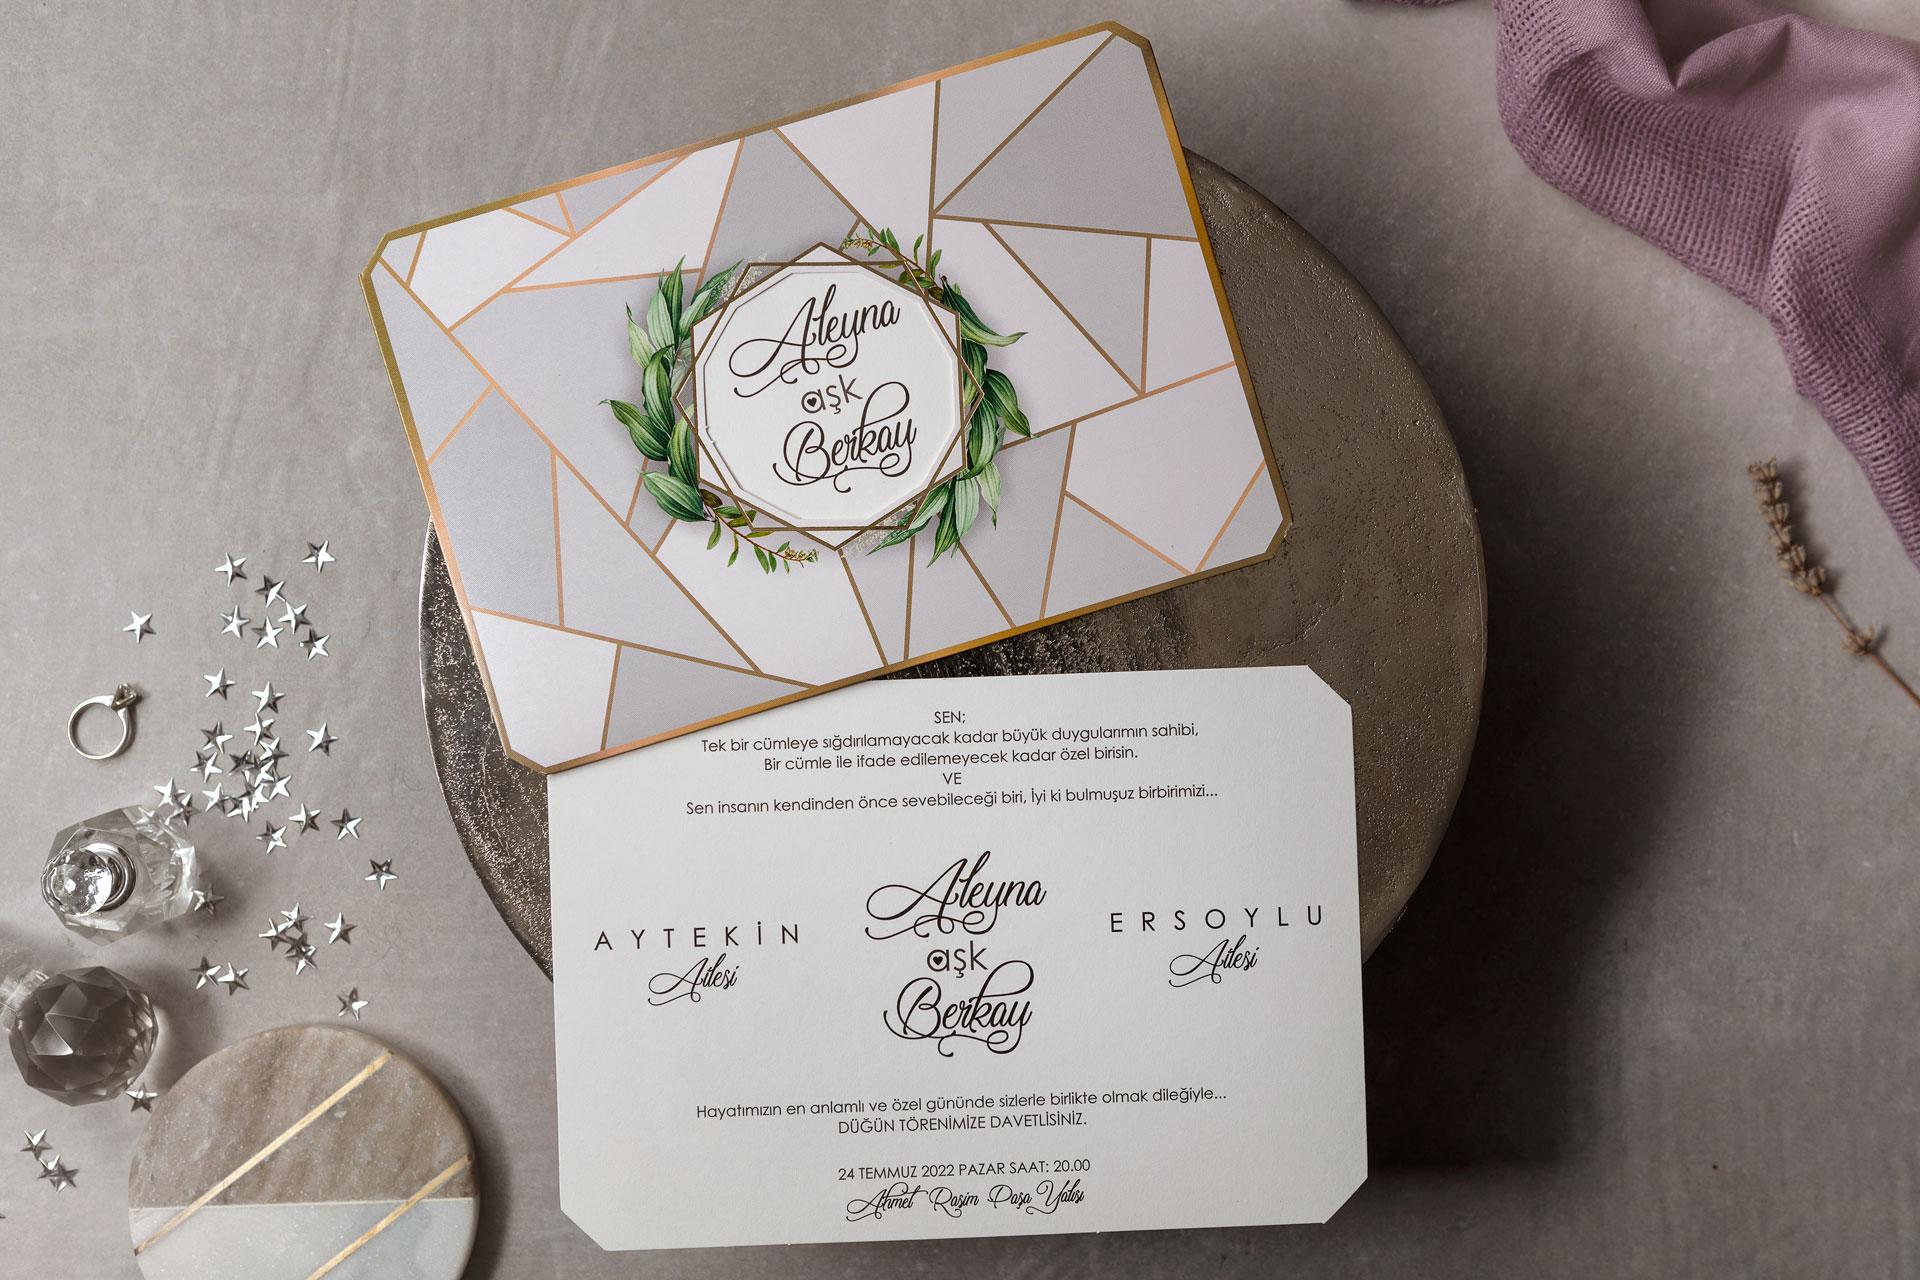 Davetiye-yapraklı-düğün-davetiyesi-8432-2